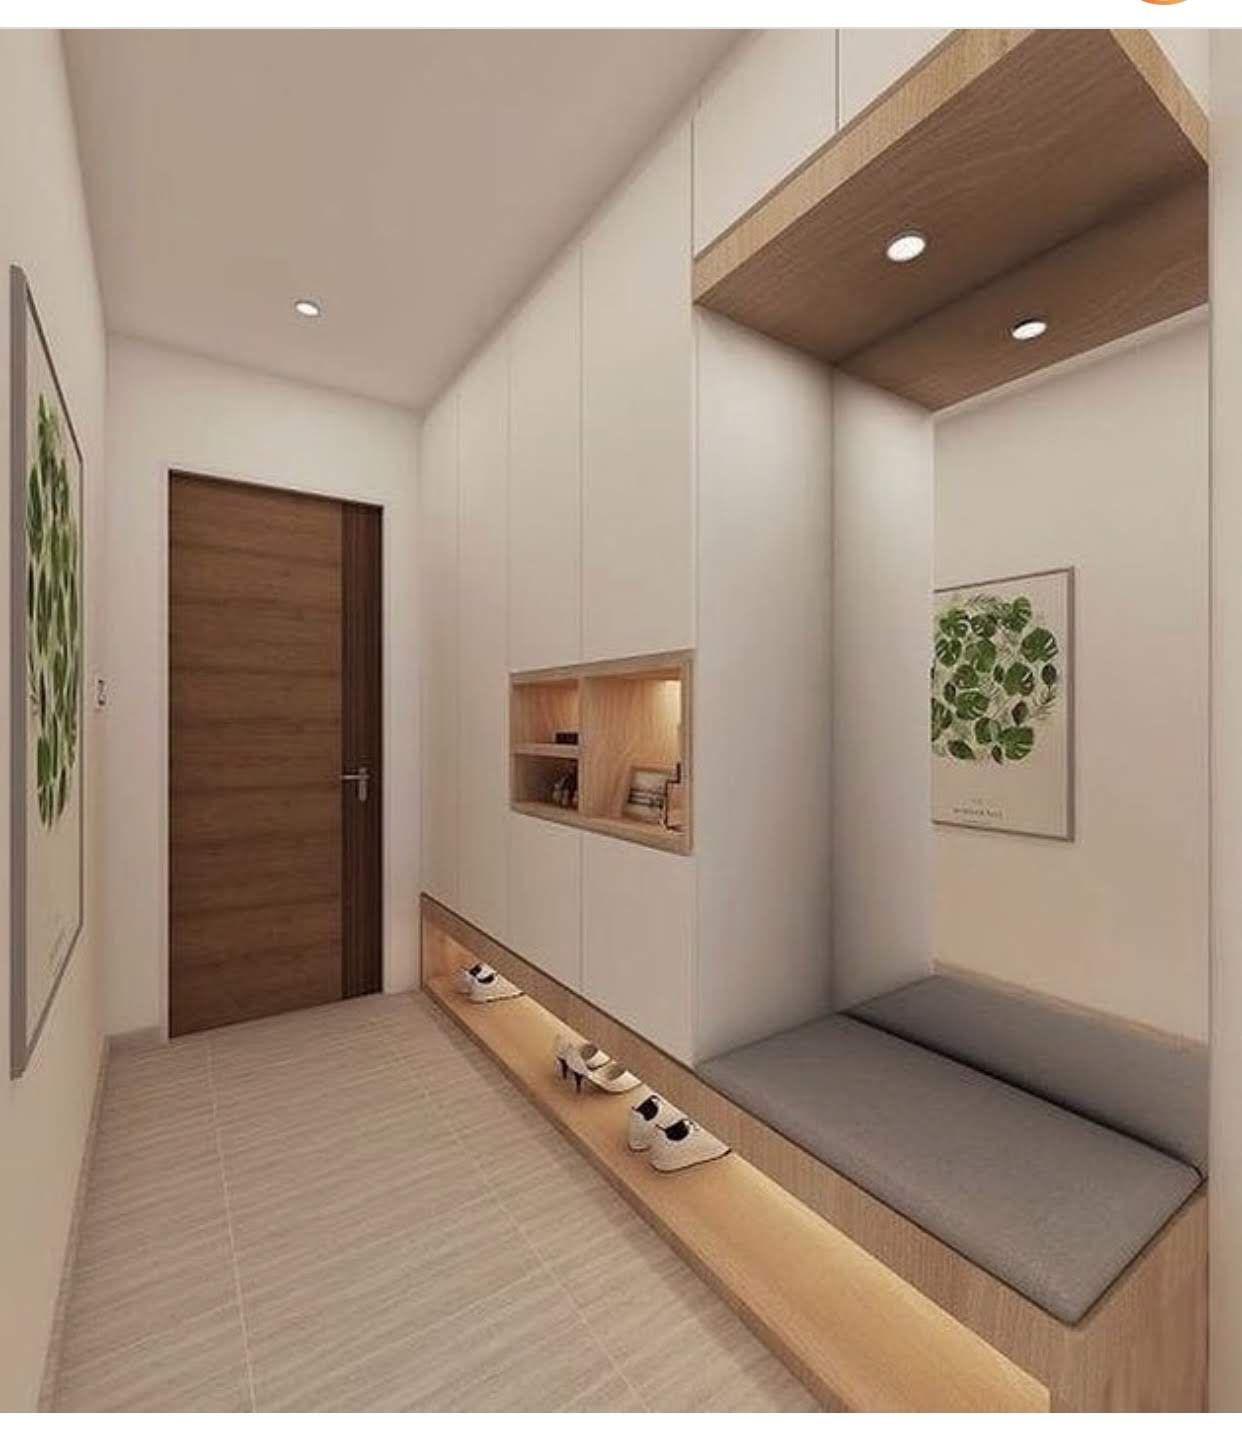 Pin By Shannon Devine On Ideas Foyer Design Home Entrance Decor Home Interior Design